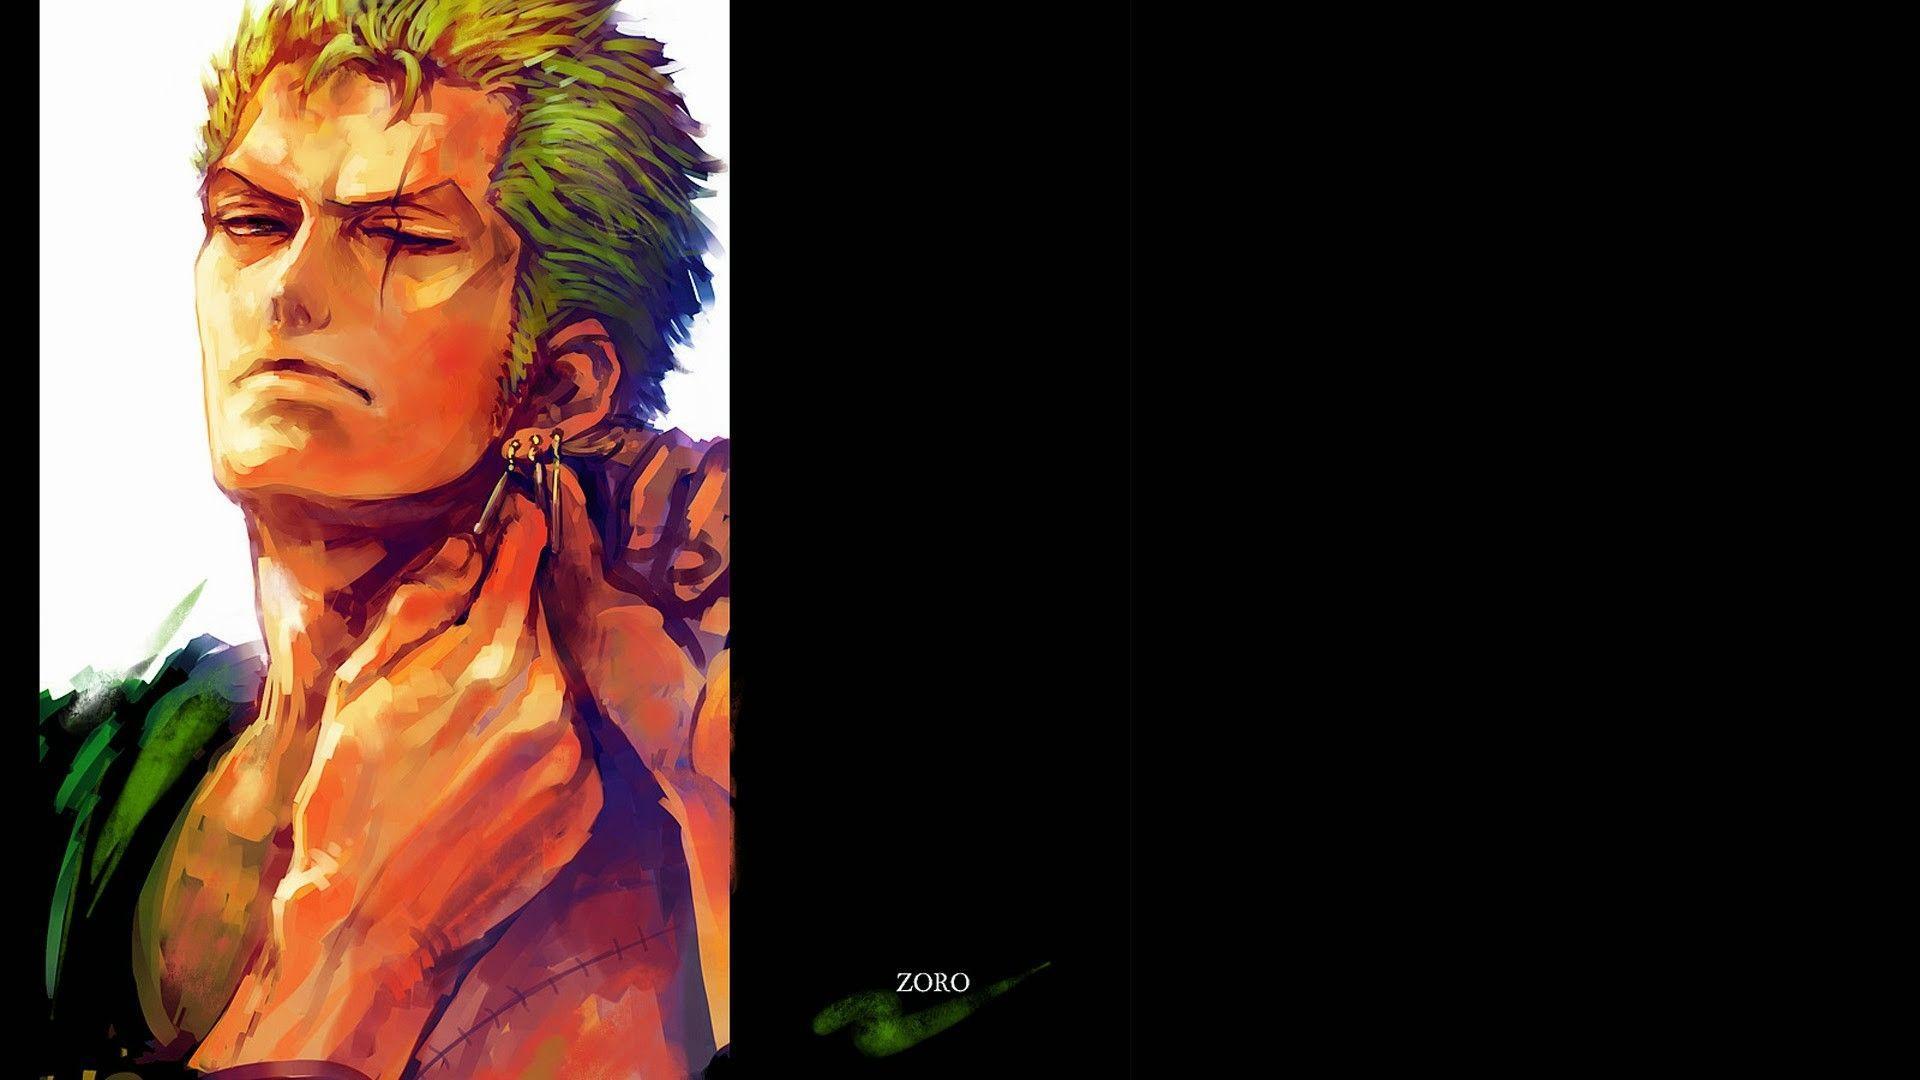 1920x1080 One Piece Zoro hình nền hình nền